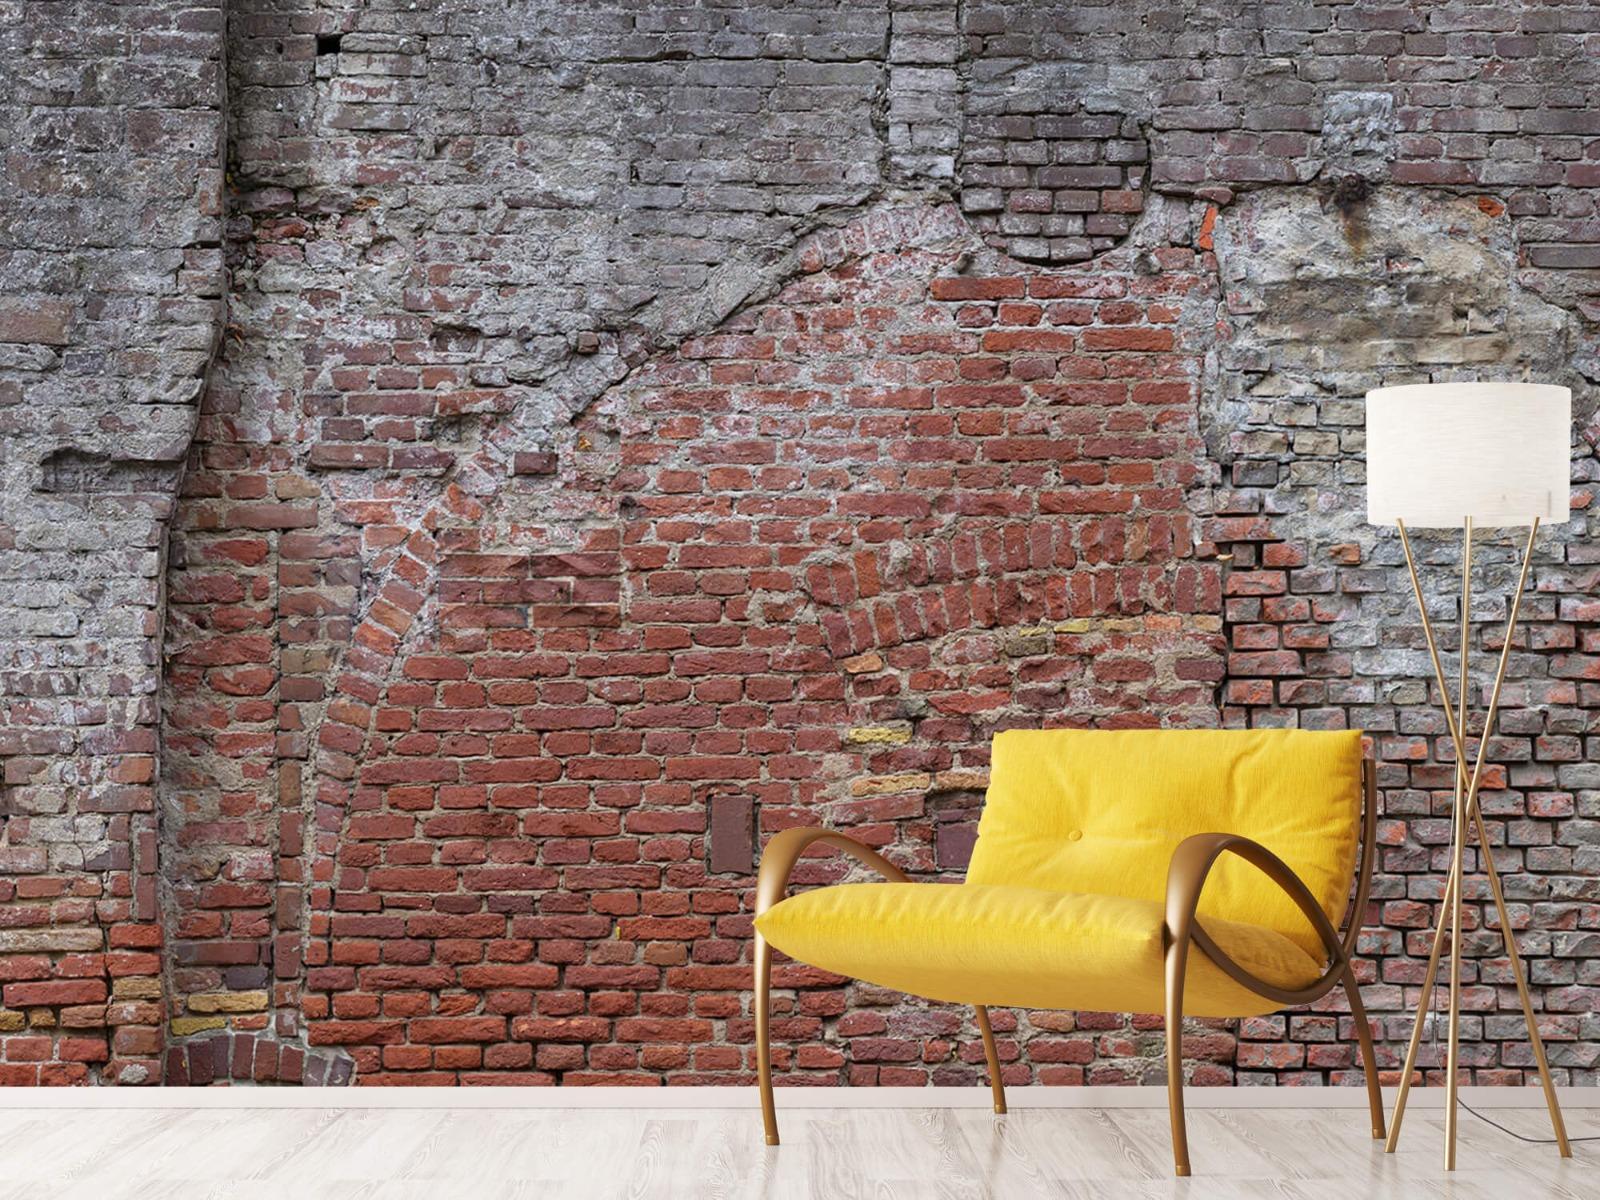 Steen behang - Oude herstelde stadsmuur - Tienerkamer 10